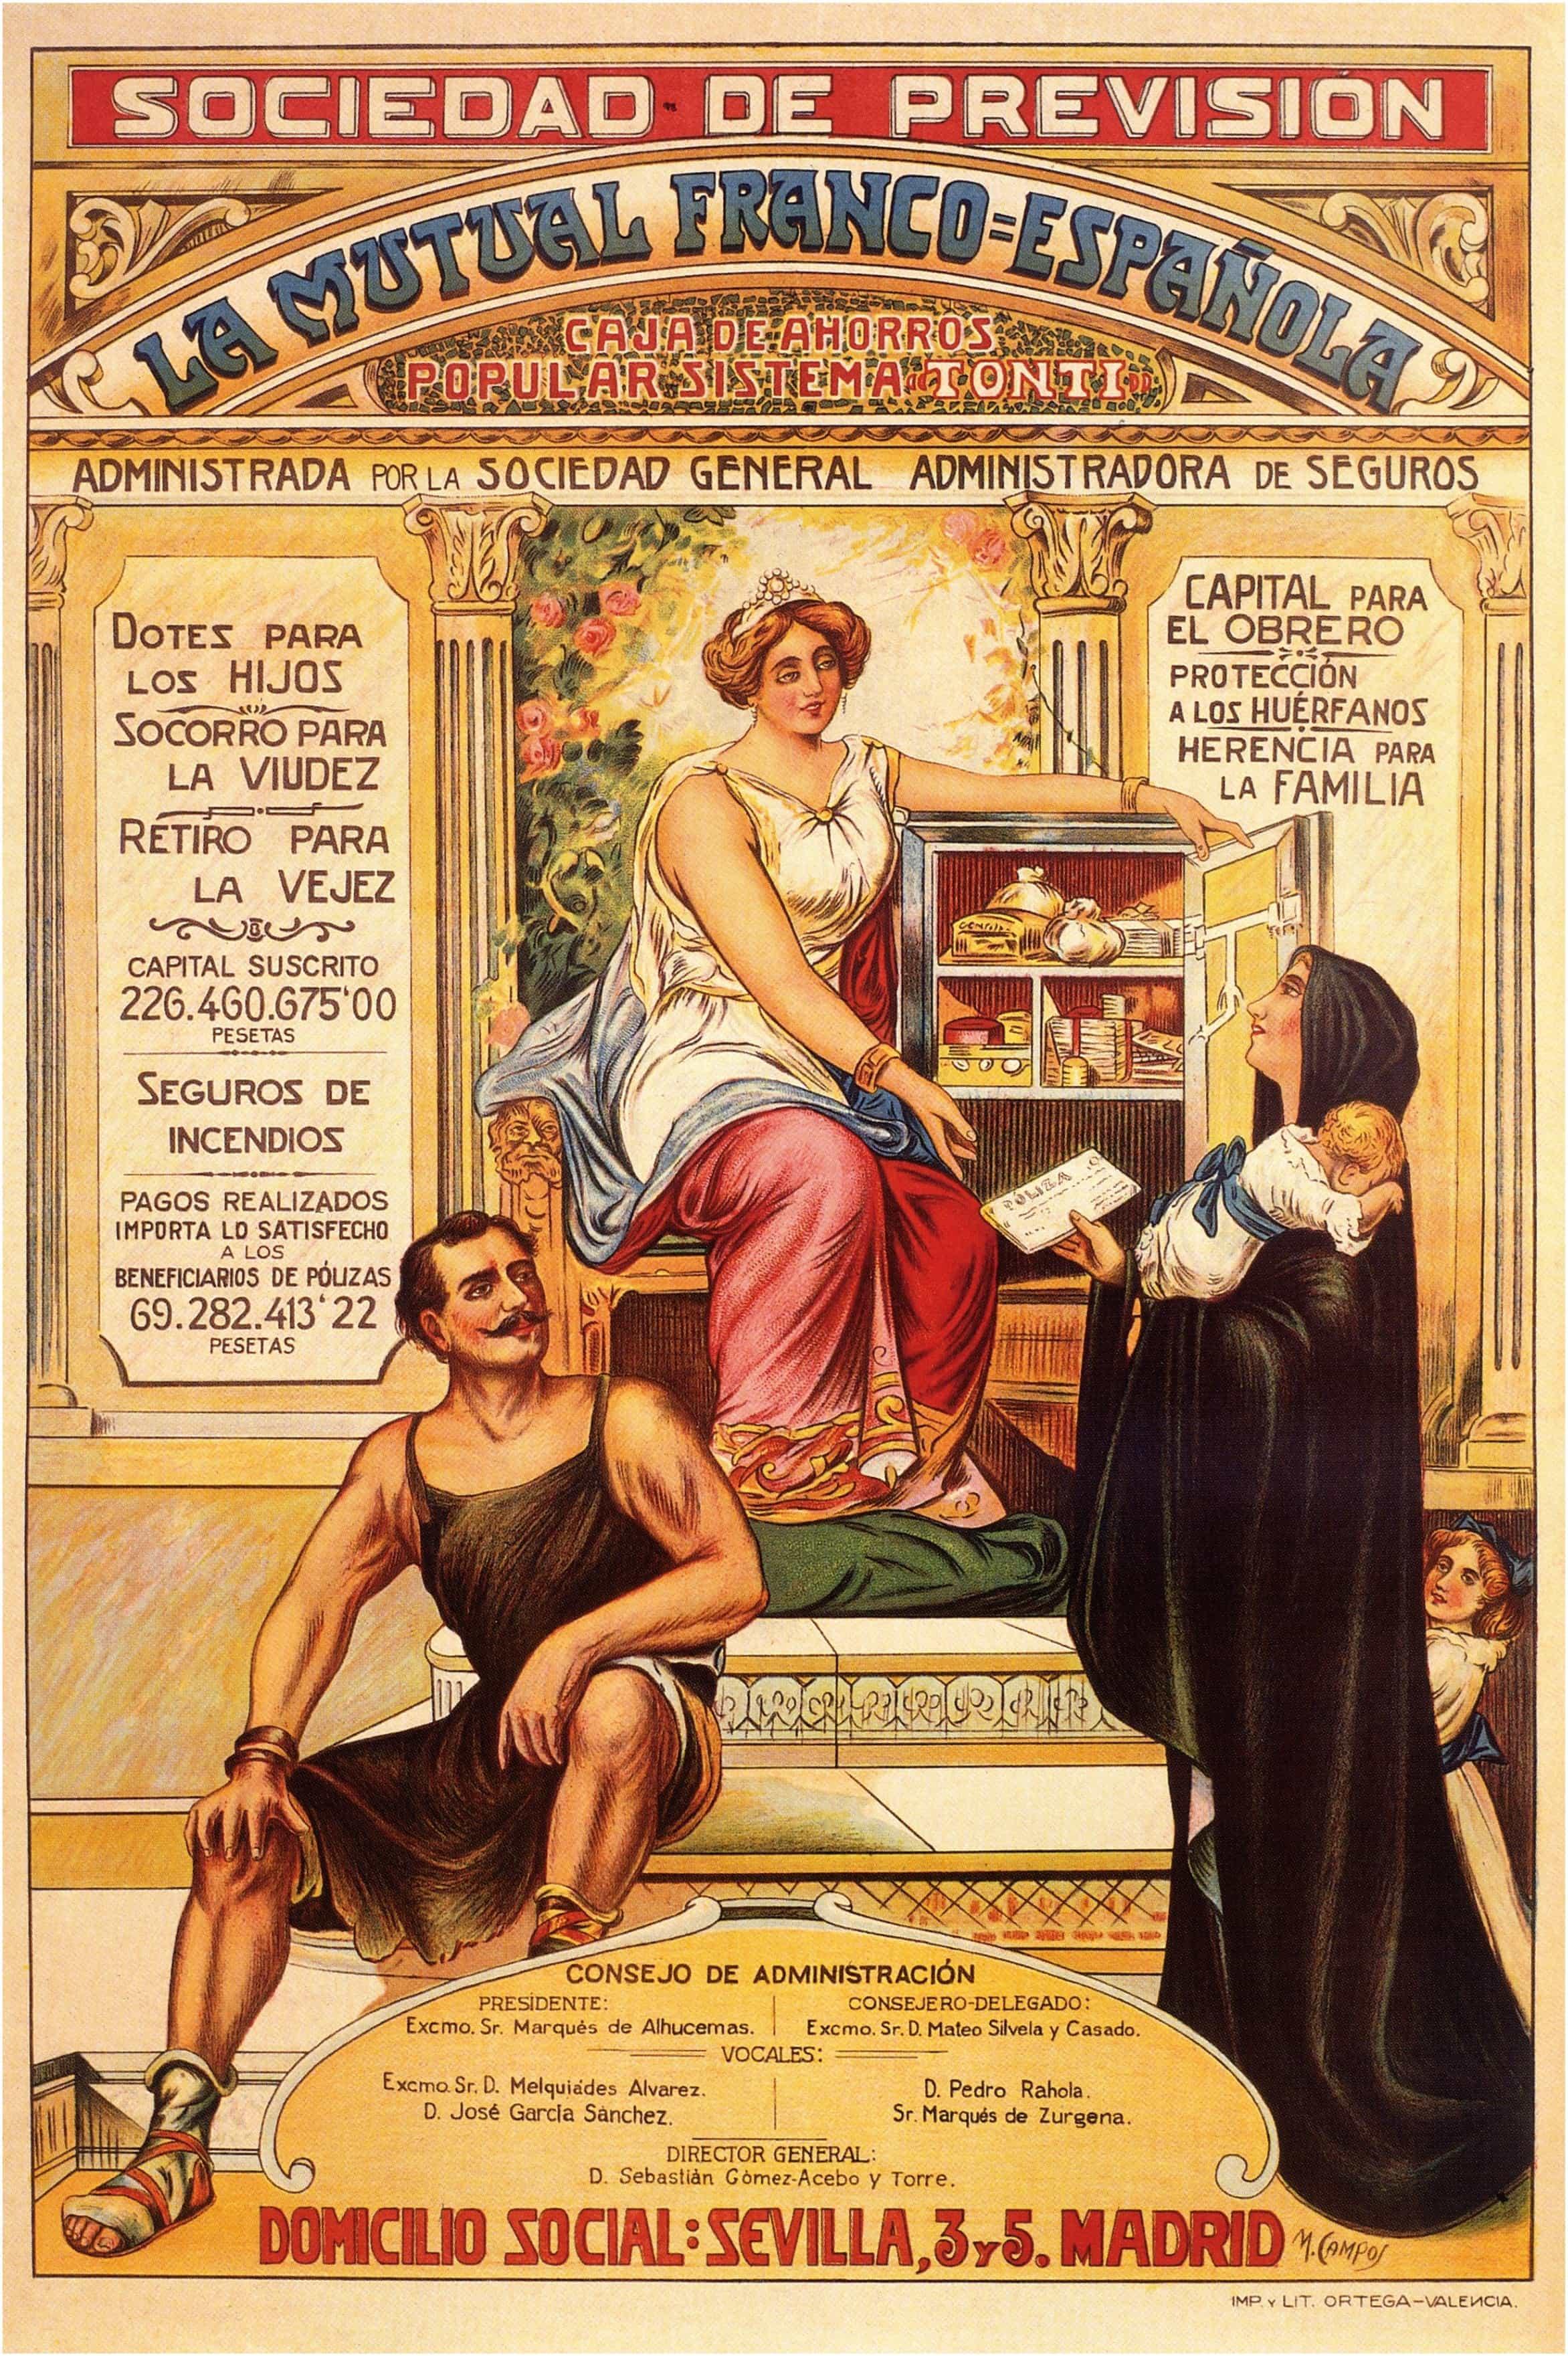 Los seguros obreros privados vintage poster 1900 - Vintage valencia ...